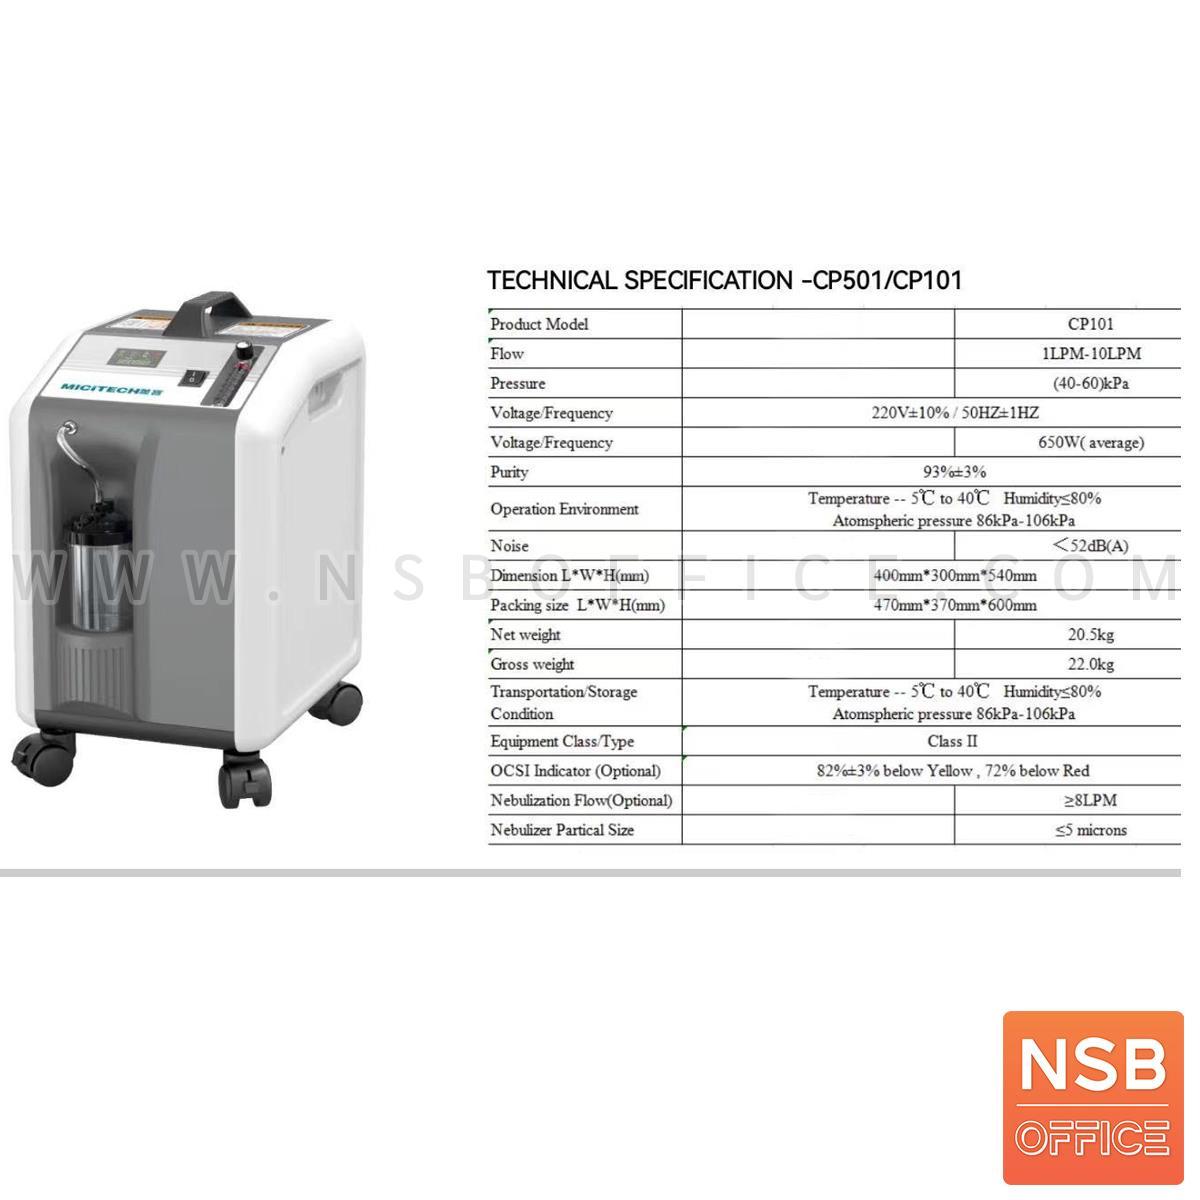 เครื่องผลิตออกซิเจน Portable Oxygen Concentrator ขนาด 10 ลิตร ล้อเลื่อน